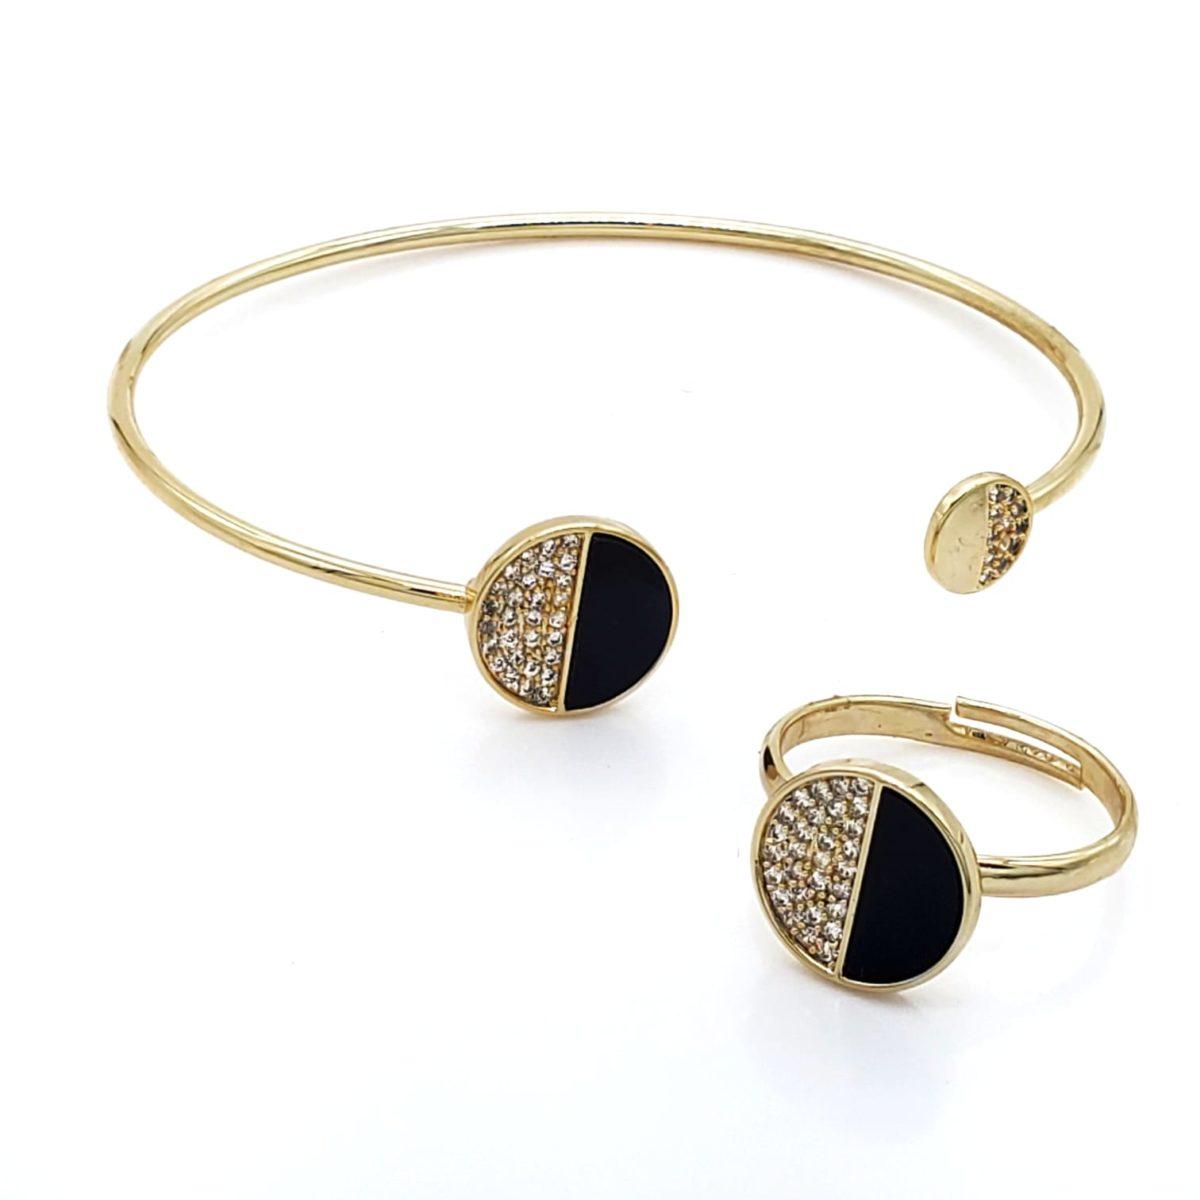 סט צמיד וטבעת חצי זירקון ואבן שחורה גולדפילד